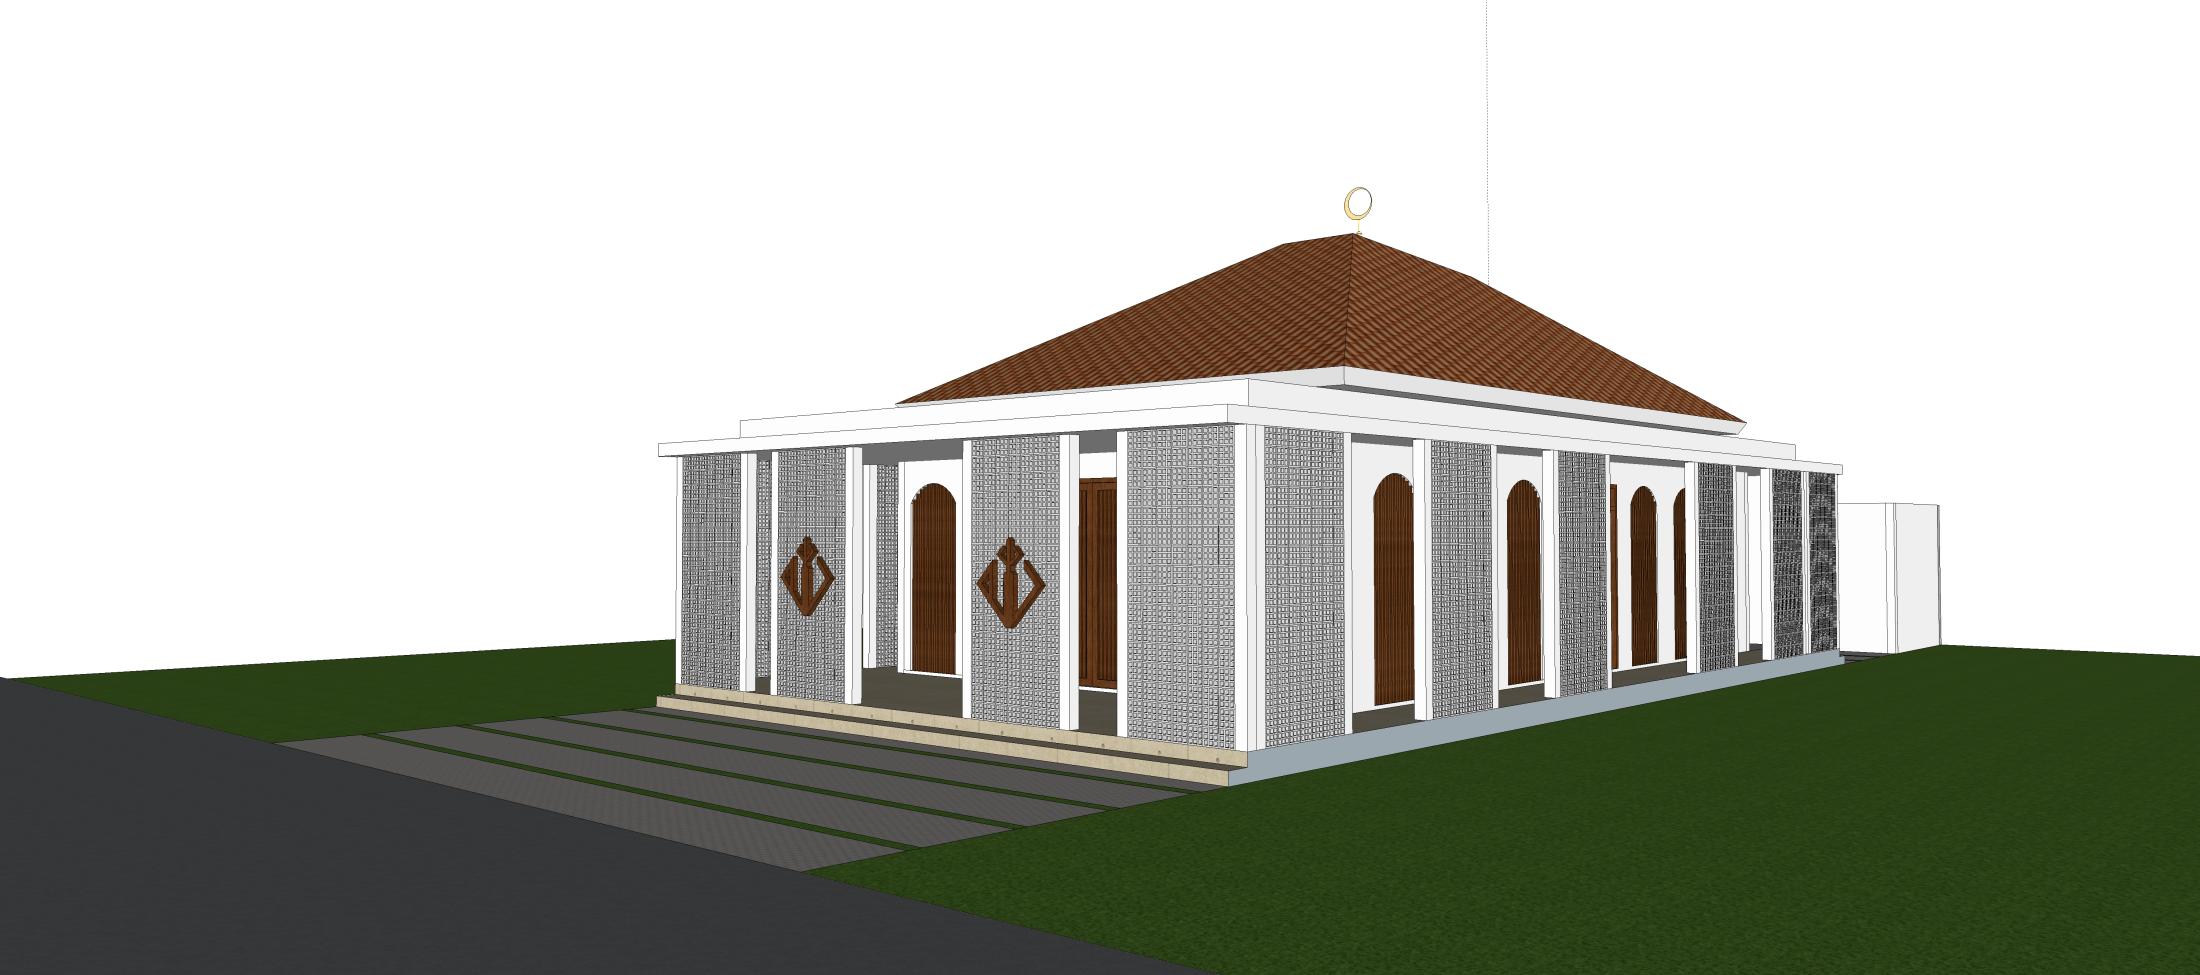 Madinputra Architects Musholla Al-Ikhlas, Semarang Semarang, Kota Semarang, Jawa Tengah, Indonesia Semarang, Kota Semarang, Jawa Tengah, Indonesia Madinputra-Architects-Musholla-Al-Ikhlas-Semarang  124485